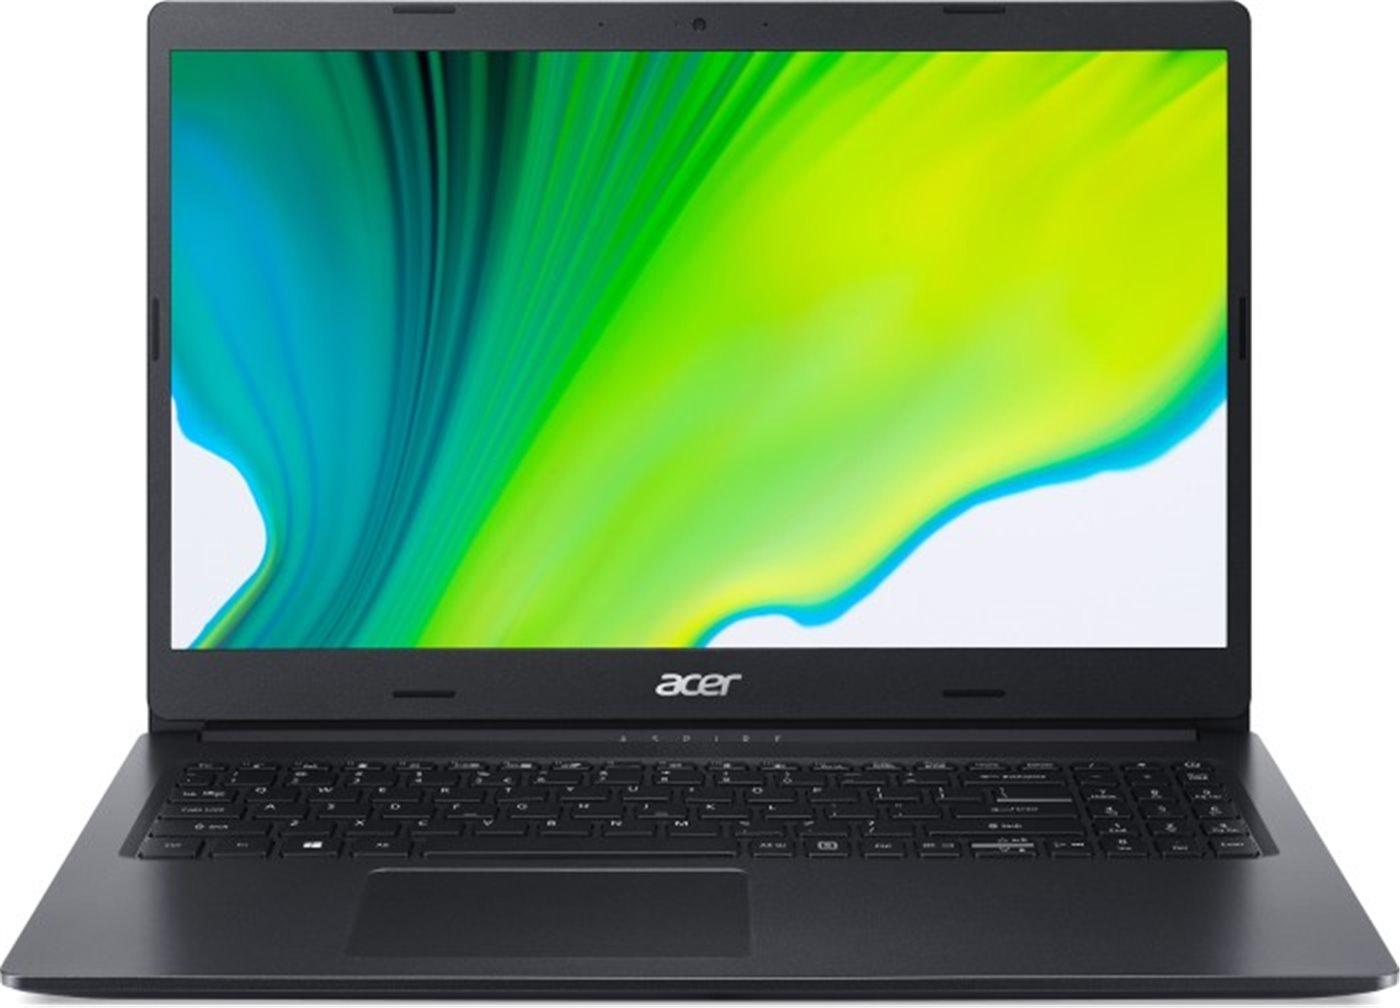 """Acer Aspire 3 A315-23-A1H1 AMD 3020e/4GB/128GB PCIe NVMe/15.6"""" FHD LED/W10 Home"""